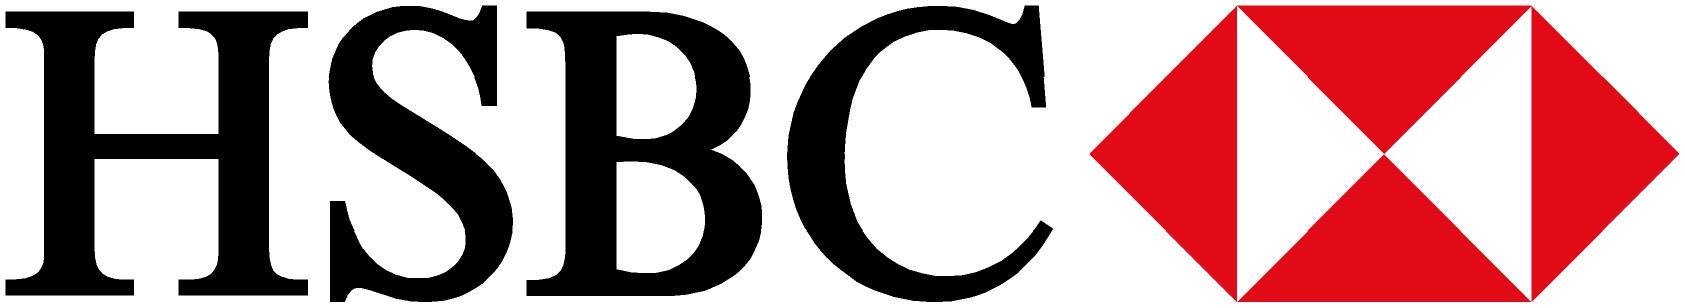 HSBC paiement en ligne